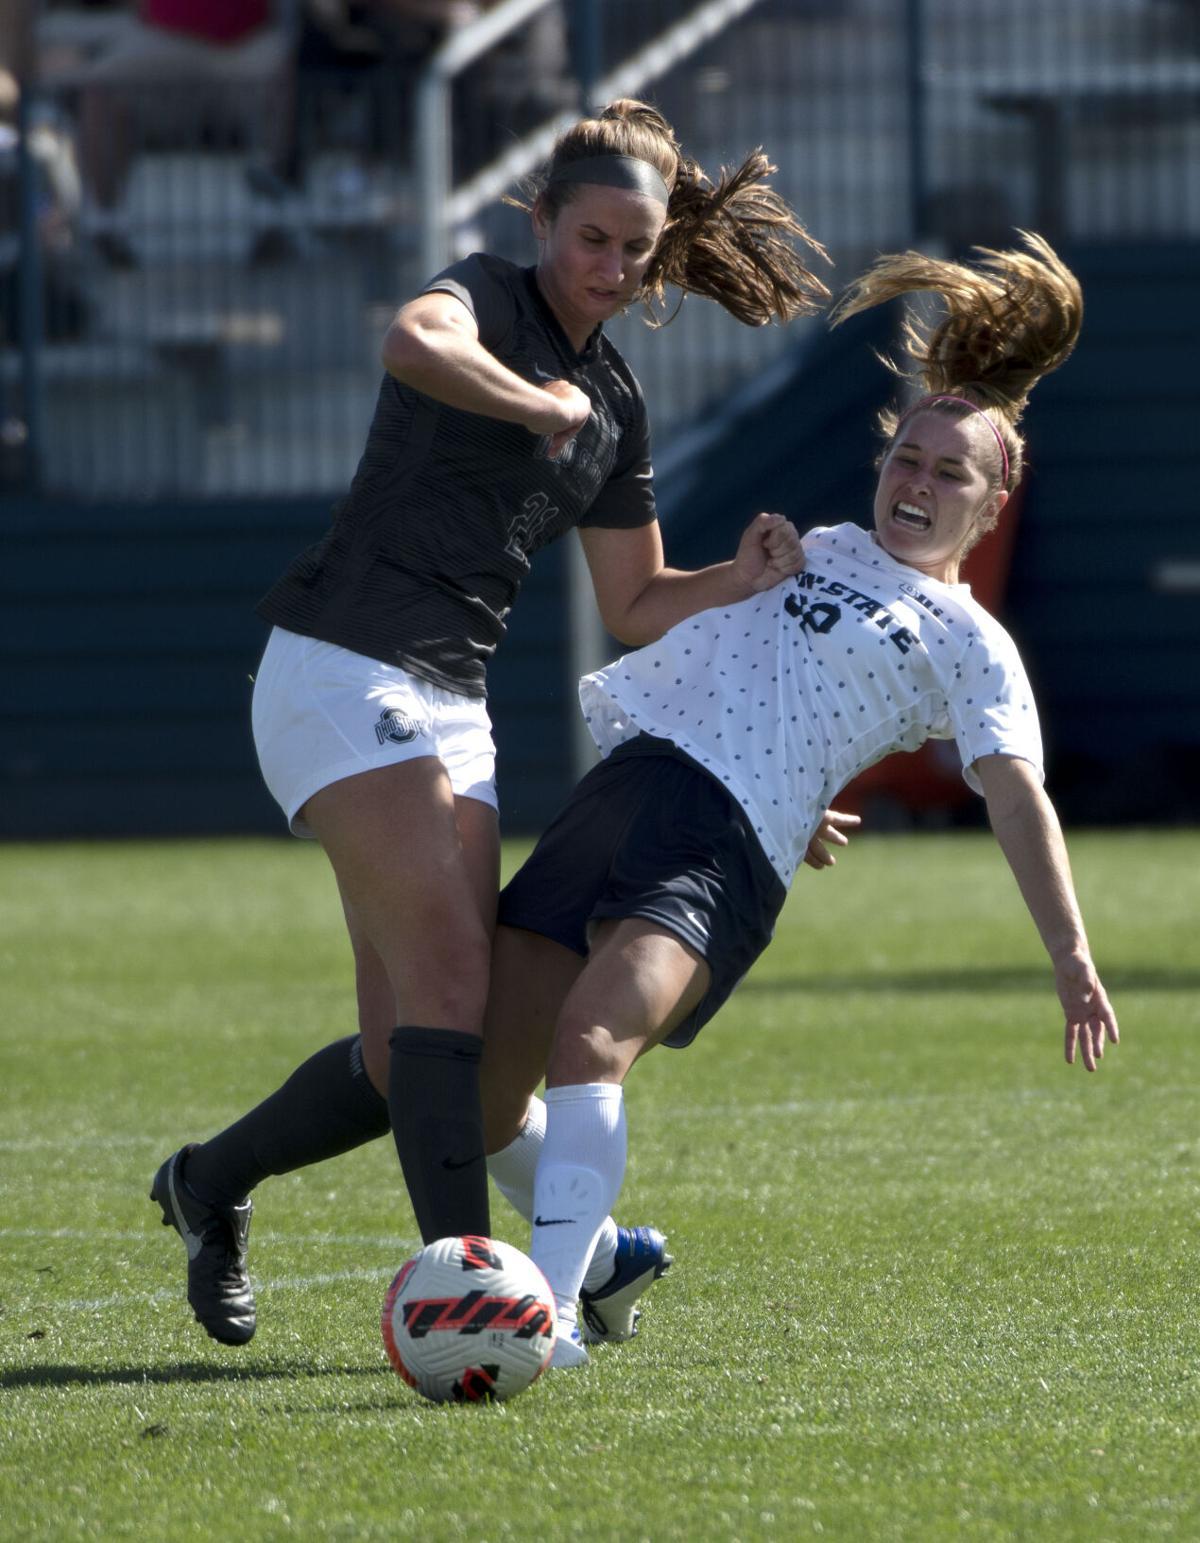 Penn State women's soccer vs. Ohio State, Wilson (32)